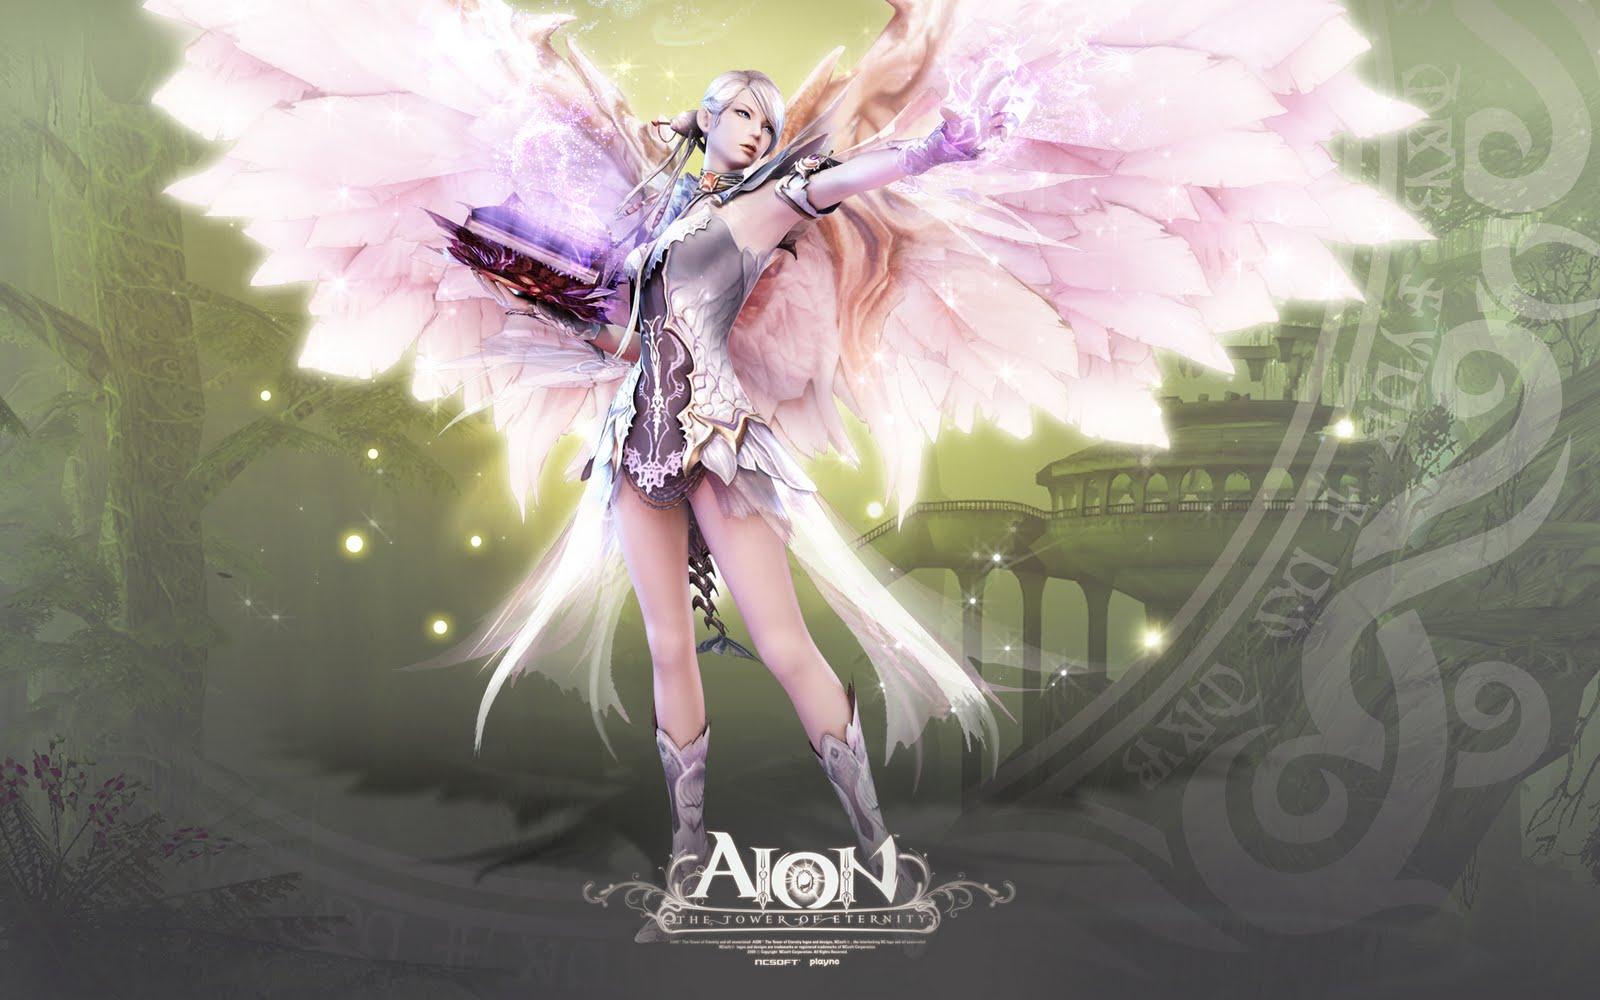 http://2.bp.blogspot.com/-0w0Cov8dDkQ/TaJXonw-YVI/AAAAAAAABRA/x7dOwHEIWR4/s1600/AION-Wallpaper-Screenshot-PC-Game-Online-24.jpg